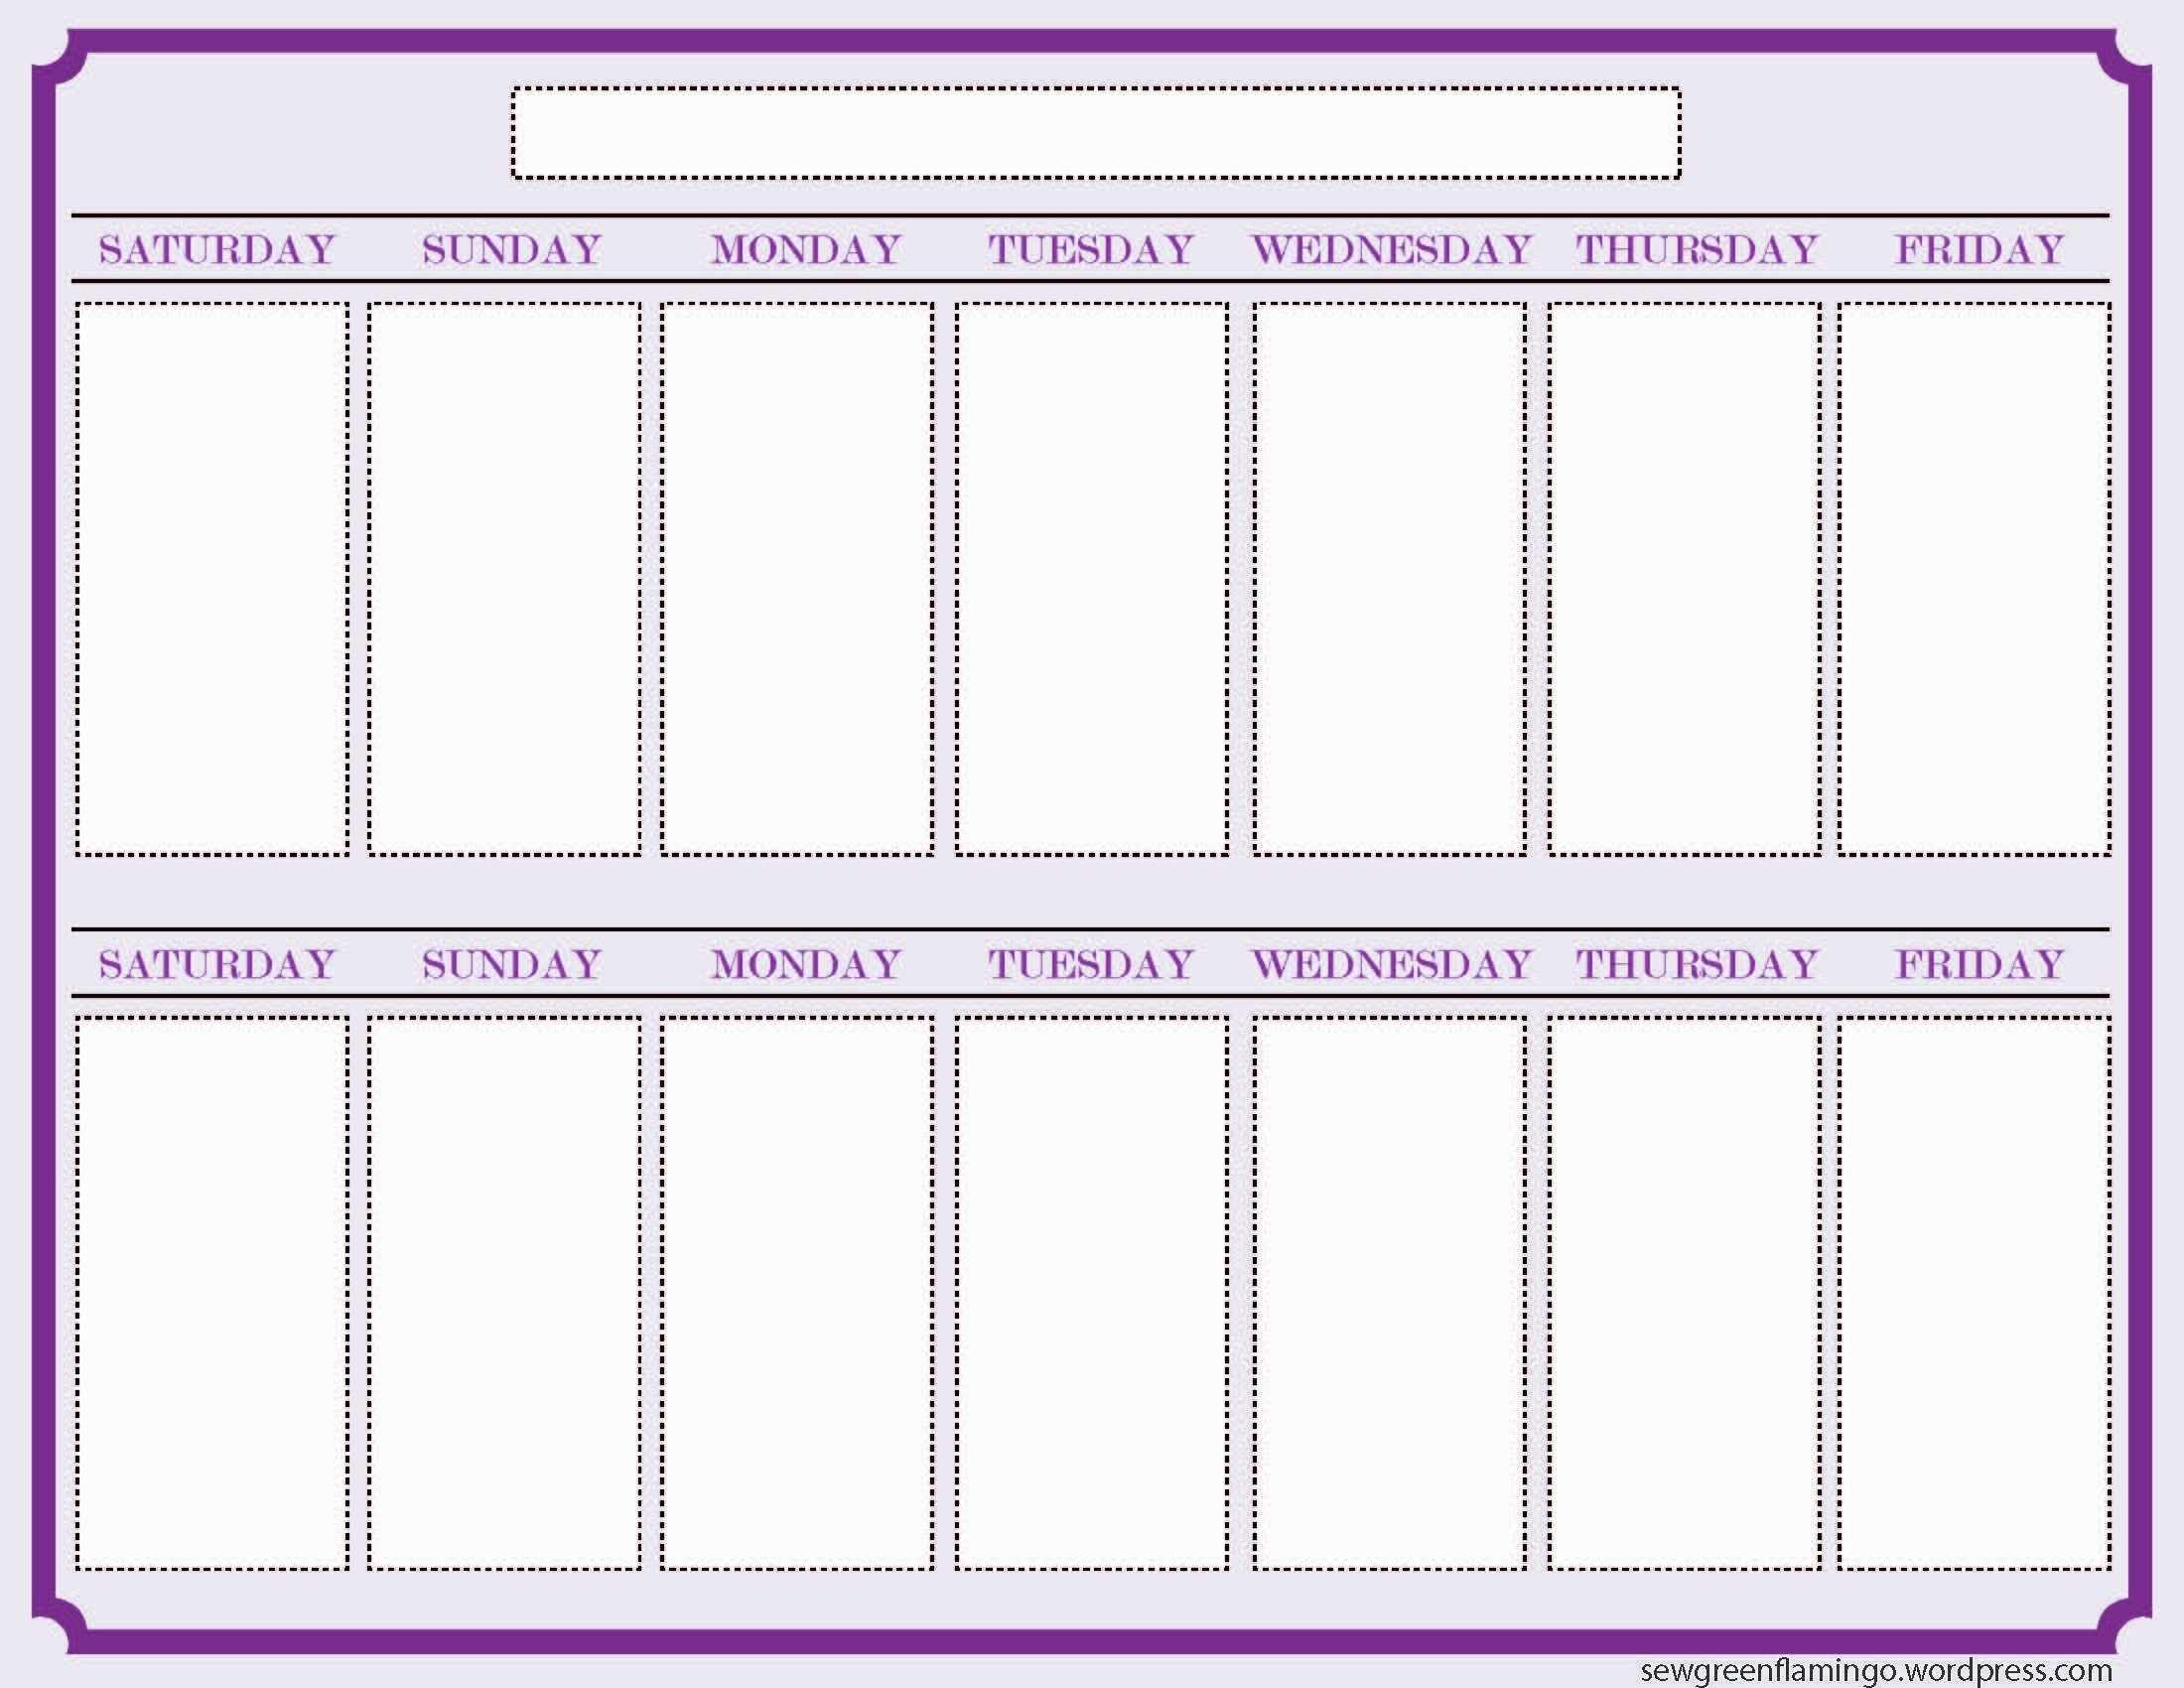 Calendar Template 2 Week Printable 2 Week Calendar Template 327607 throughout Two-Week Calendar Template Word Printable